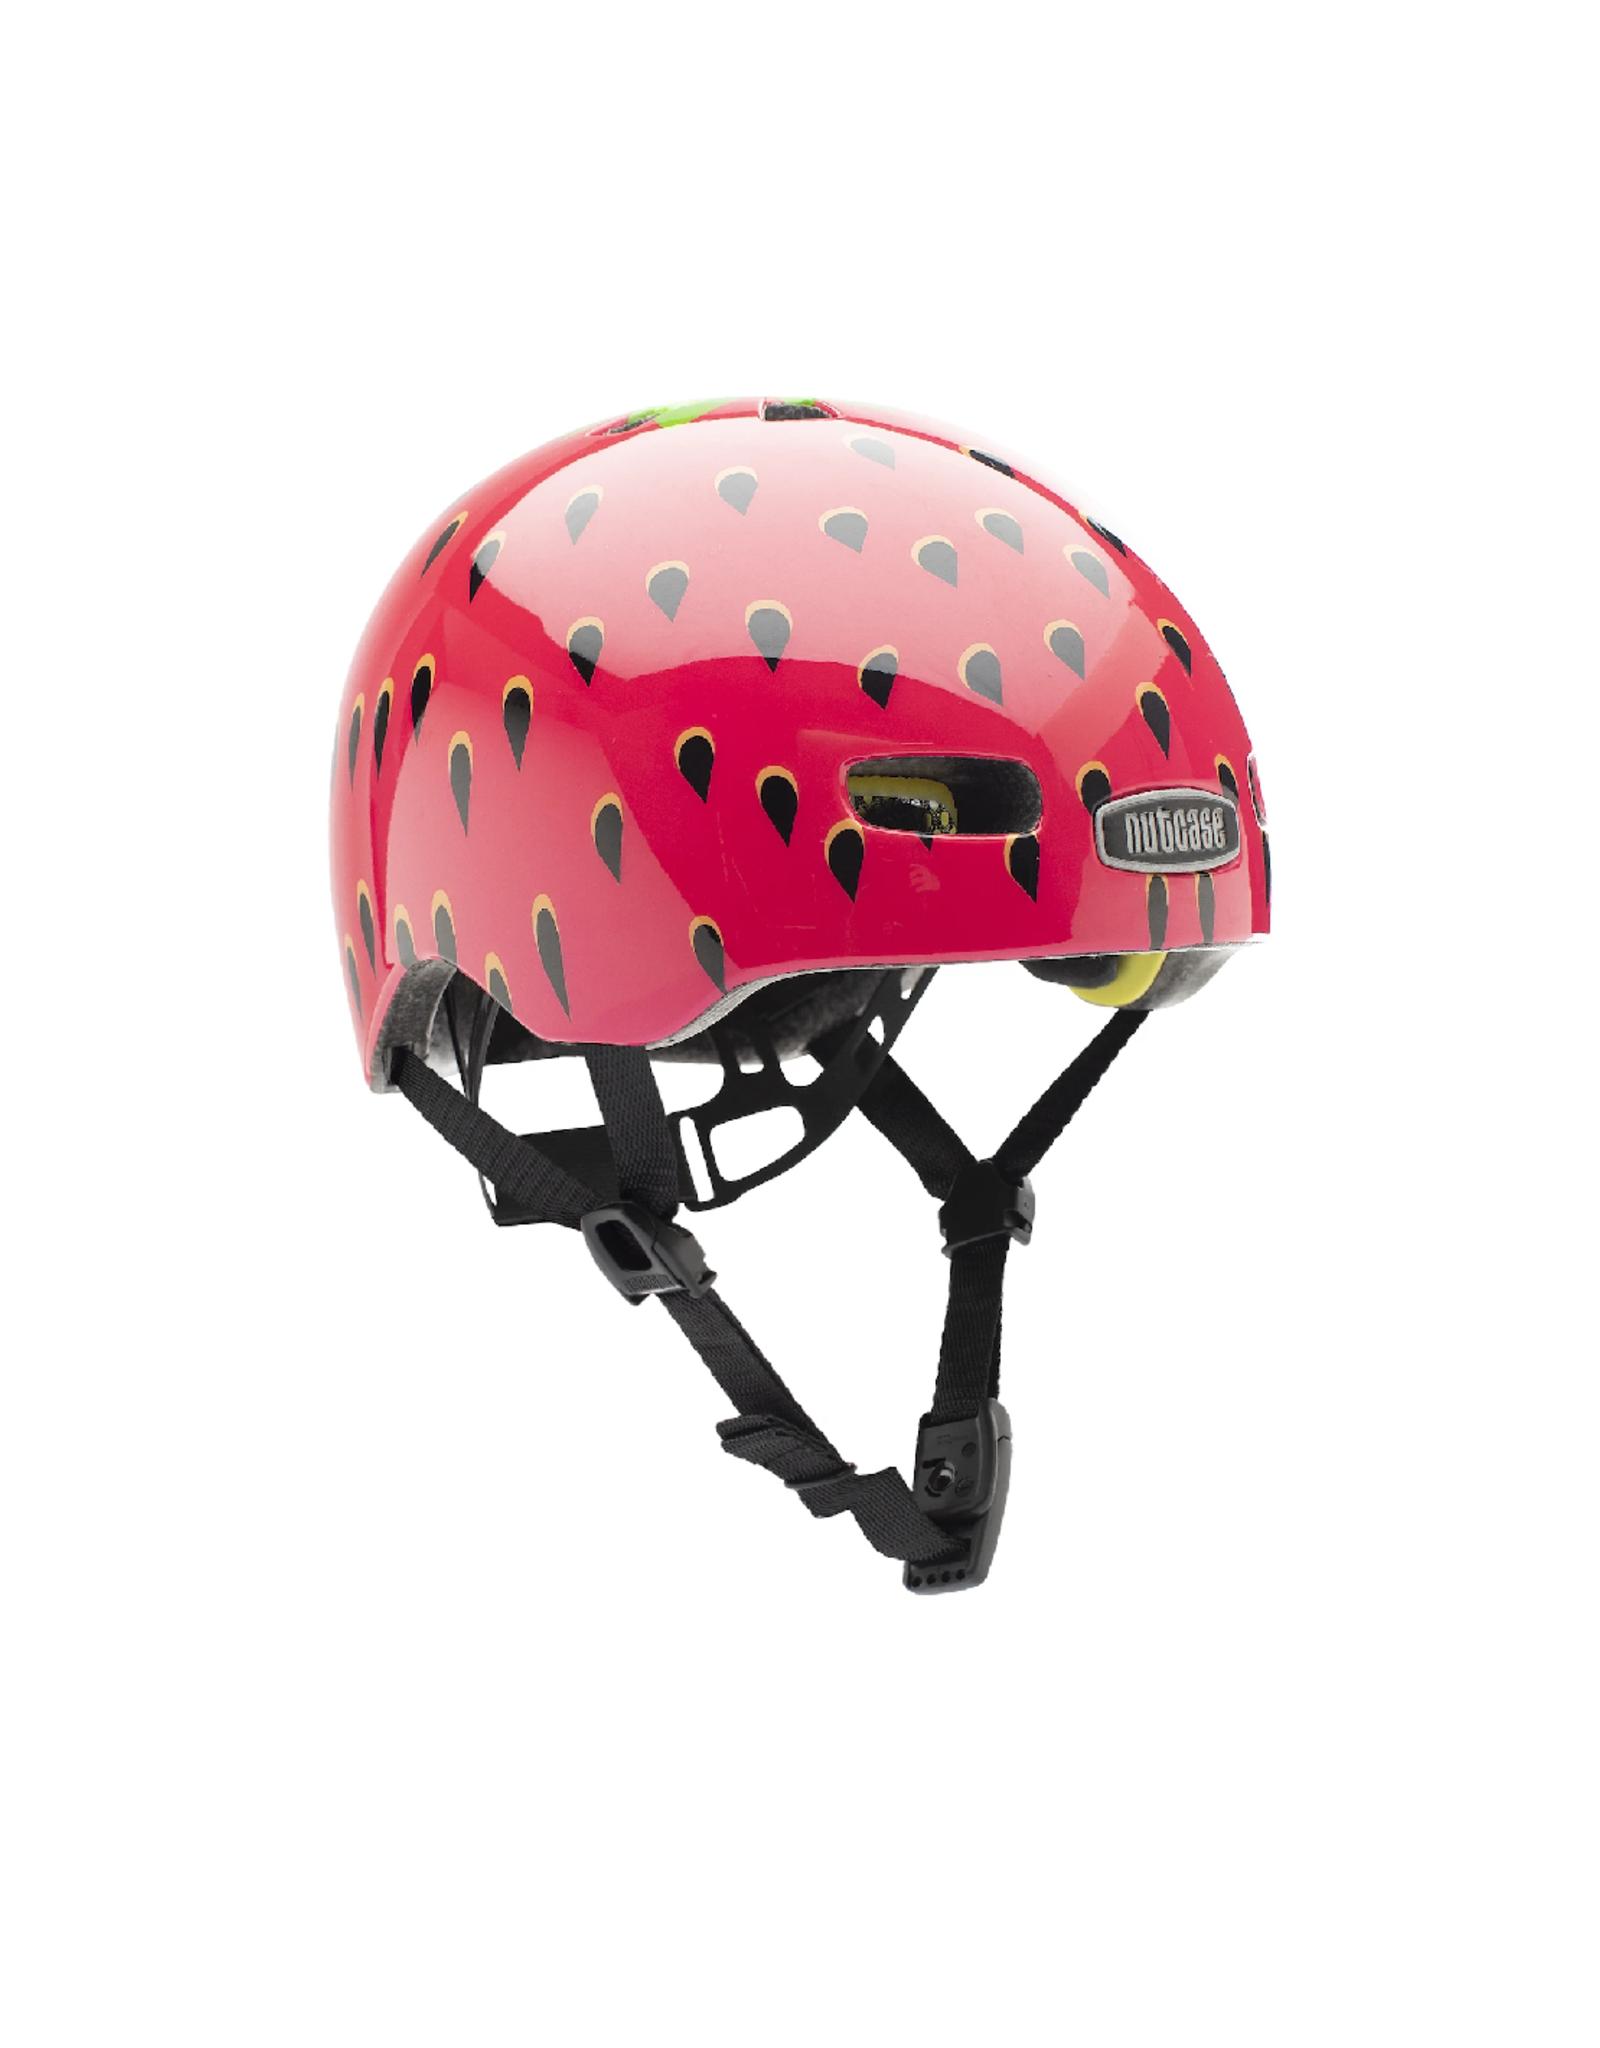 Nutcase Helmet - Nutcase Baby Nutty MIPS Very Berry XXS